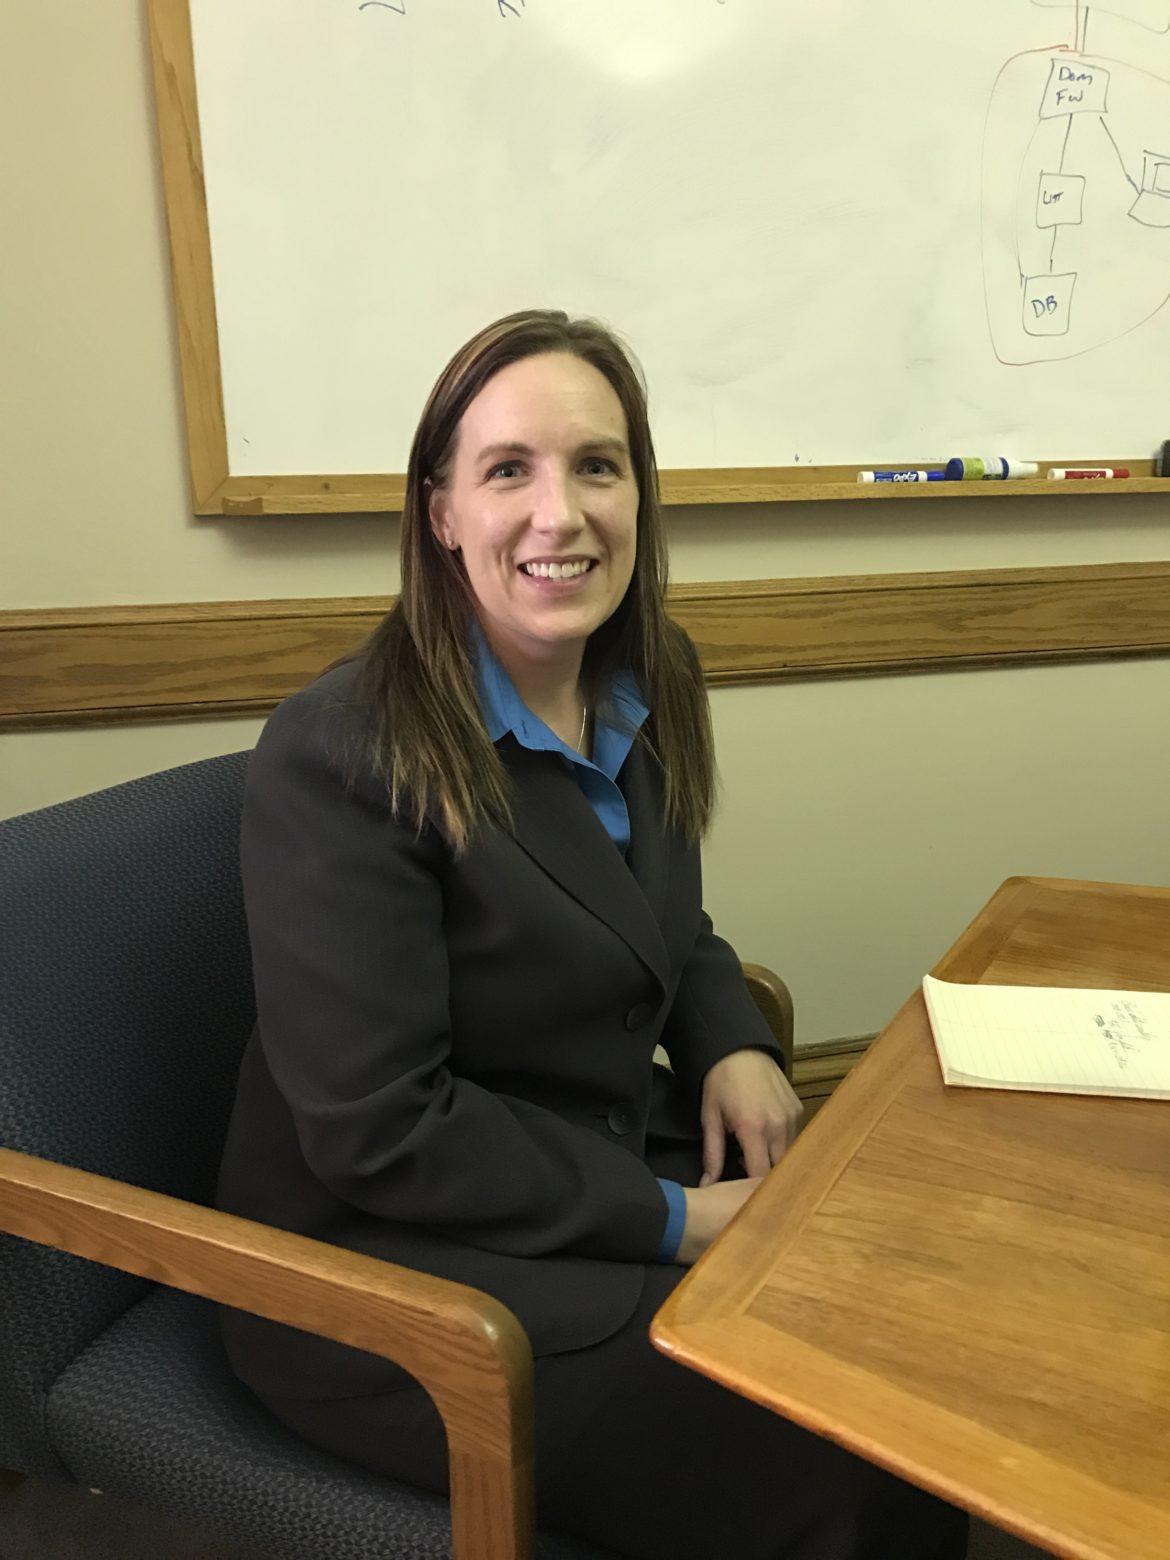 Ingham County Clerk Barb Byrum